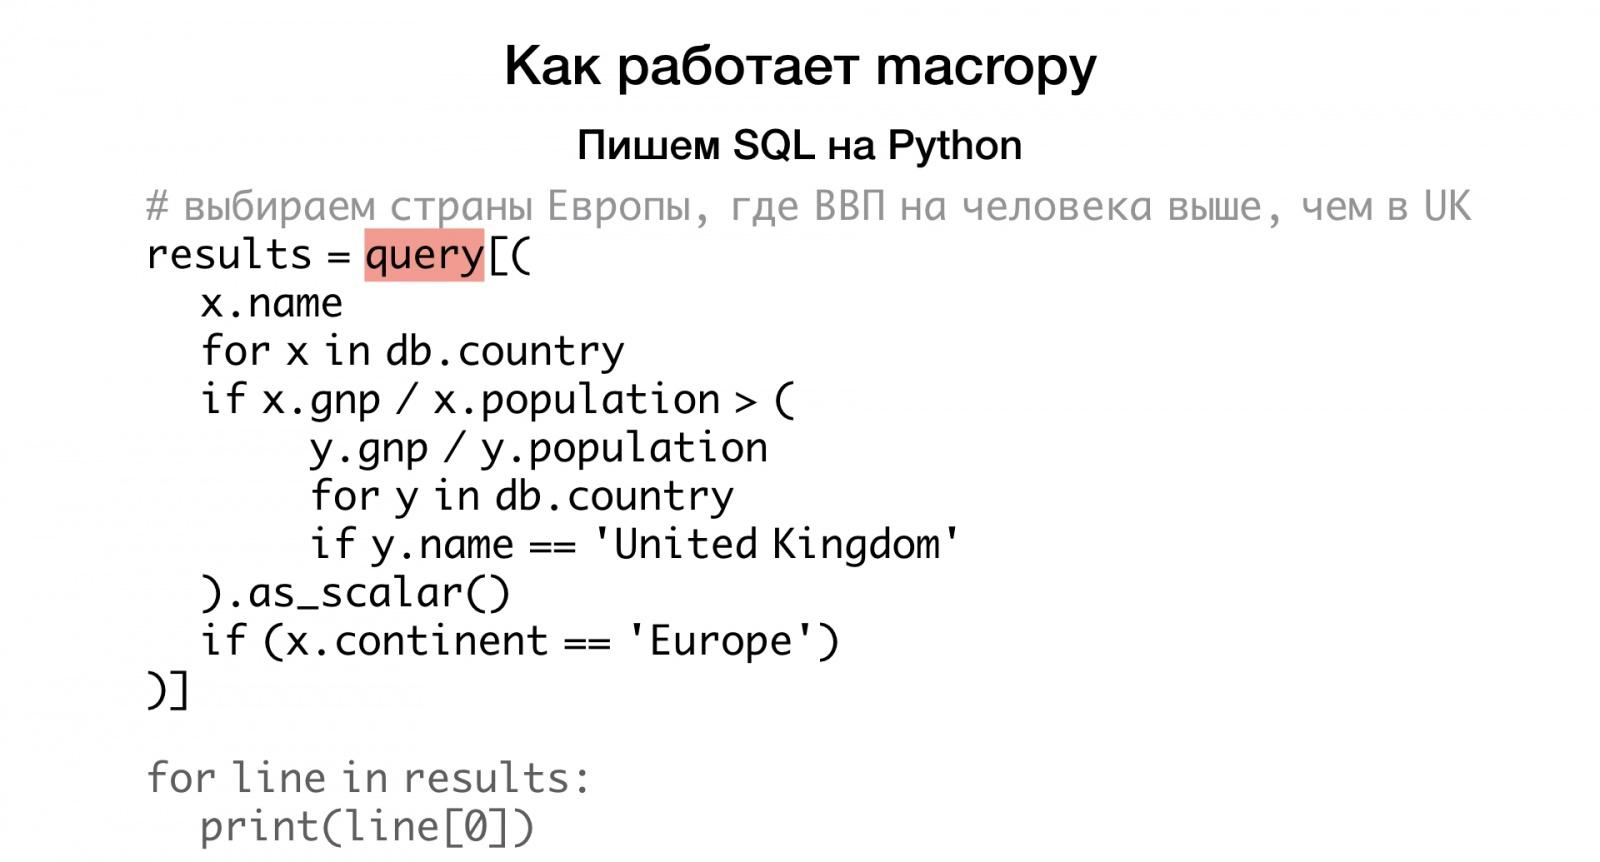 Макросы для питониста. Доклад Яндекса - 25